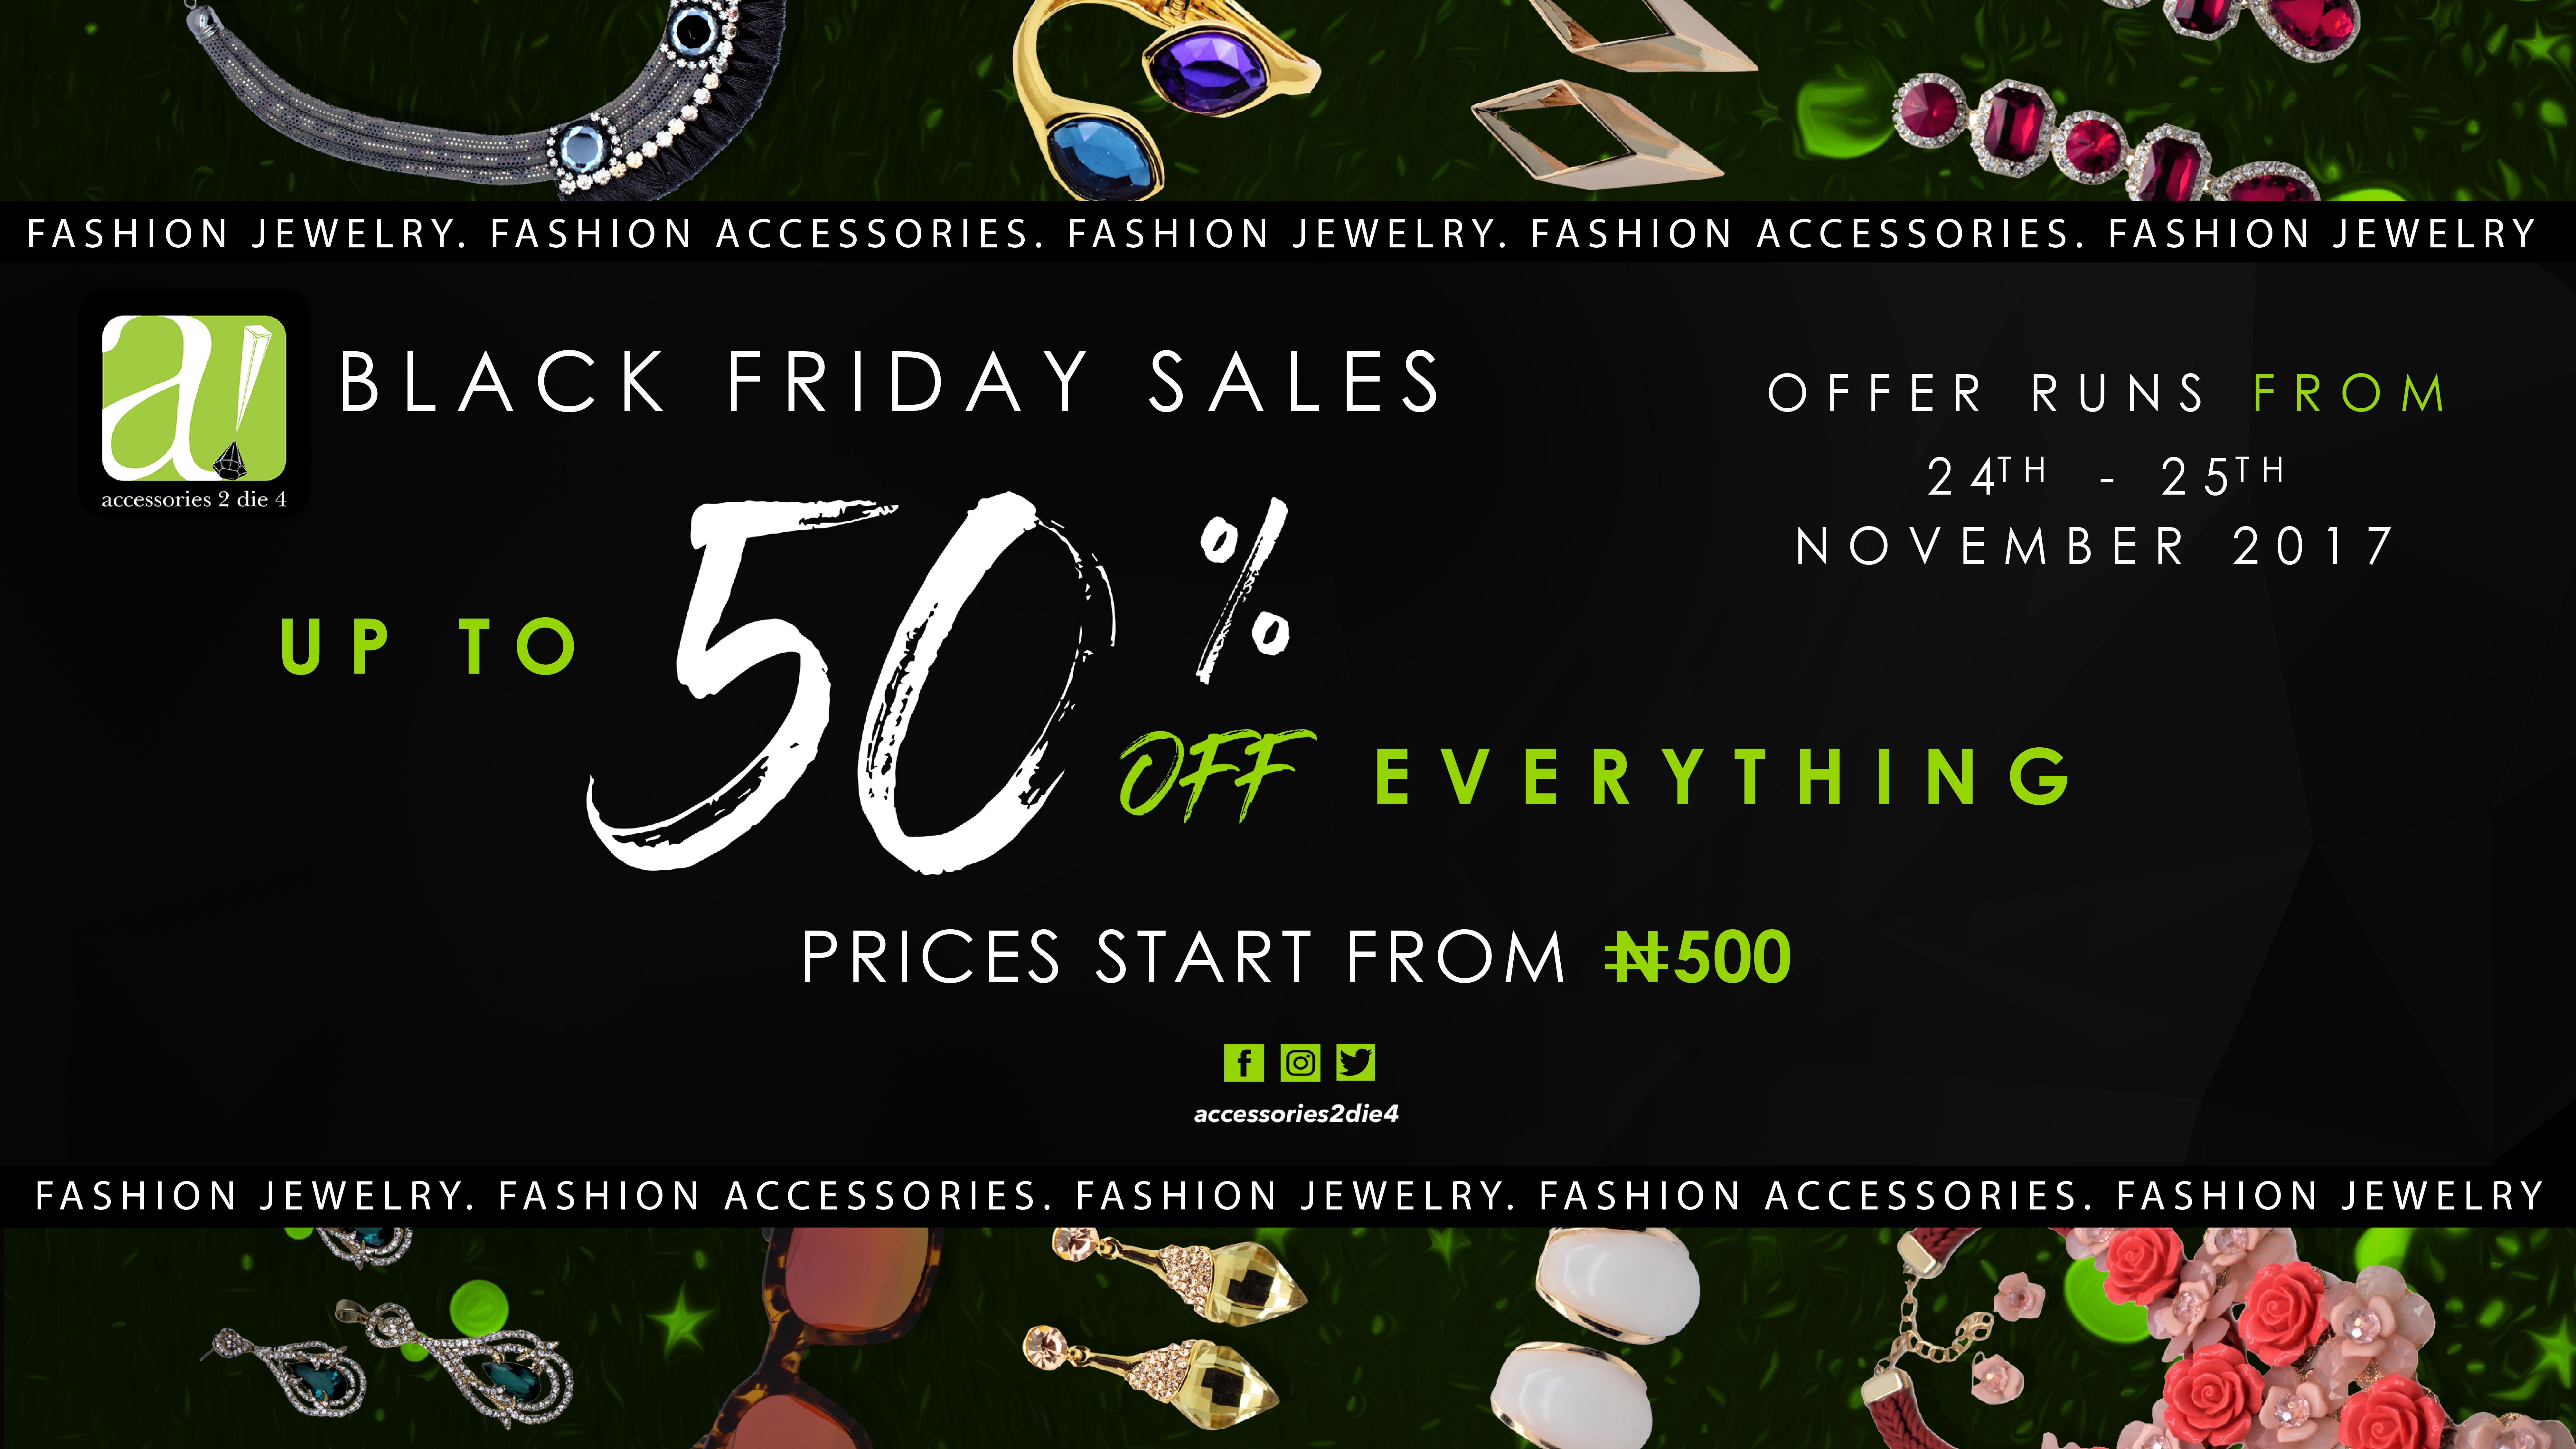 Accessories 2die 4 Black Friday Sales LED Creative-06